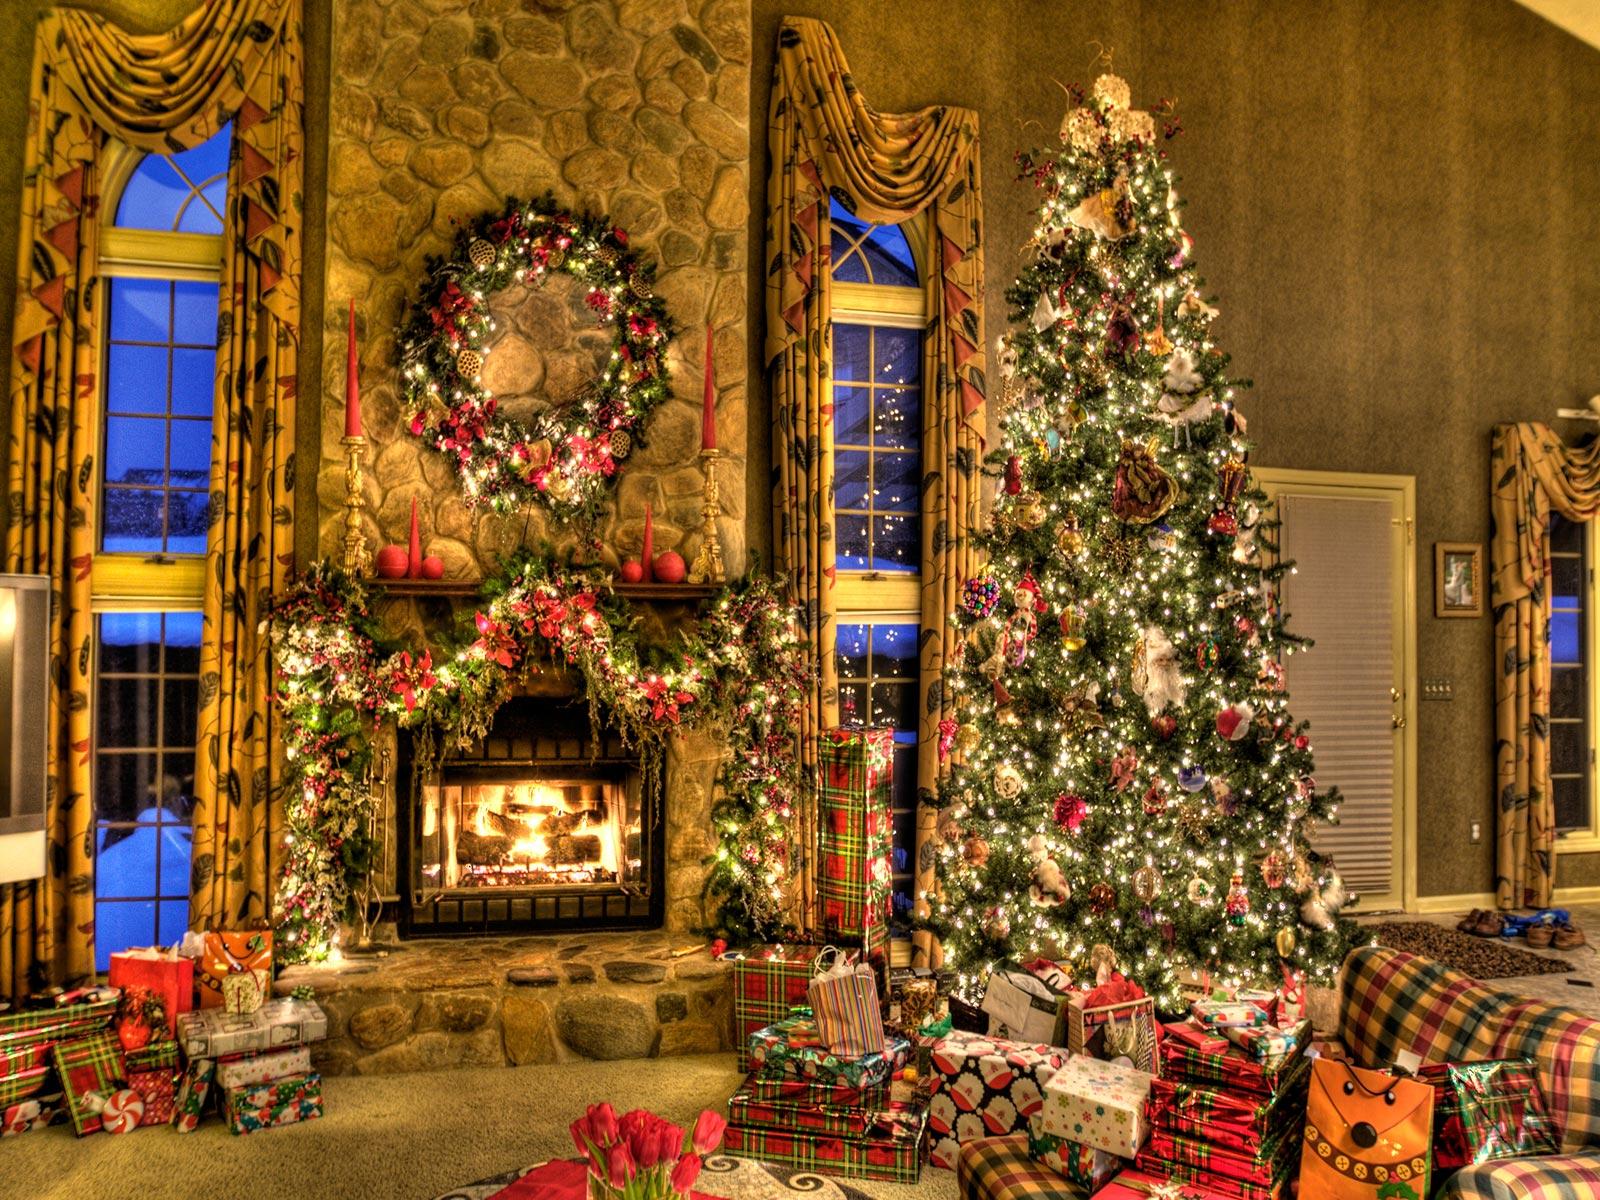 weihnachten mit anderen augen hier wohnen drachen. Black Bedroom Furniture Sets. Home Design Ideas